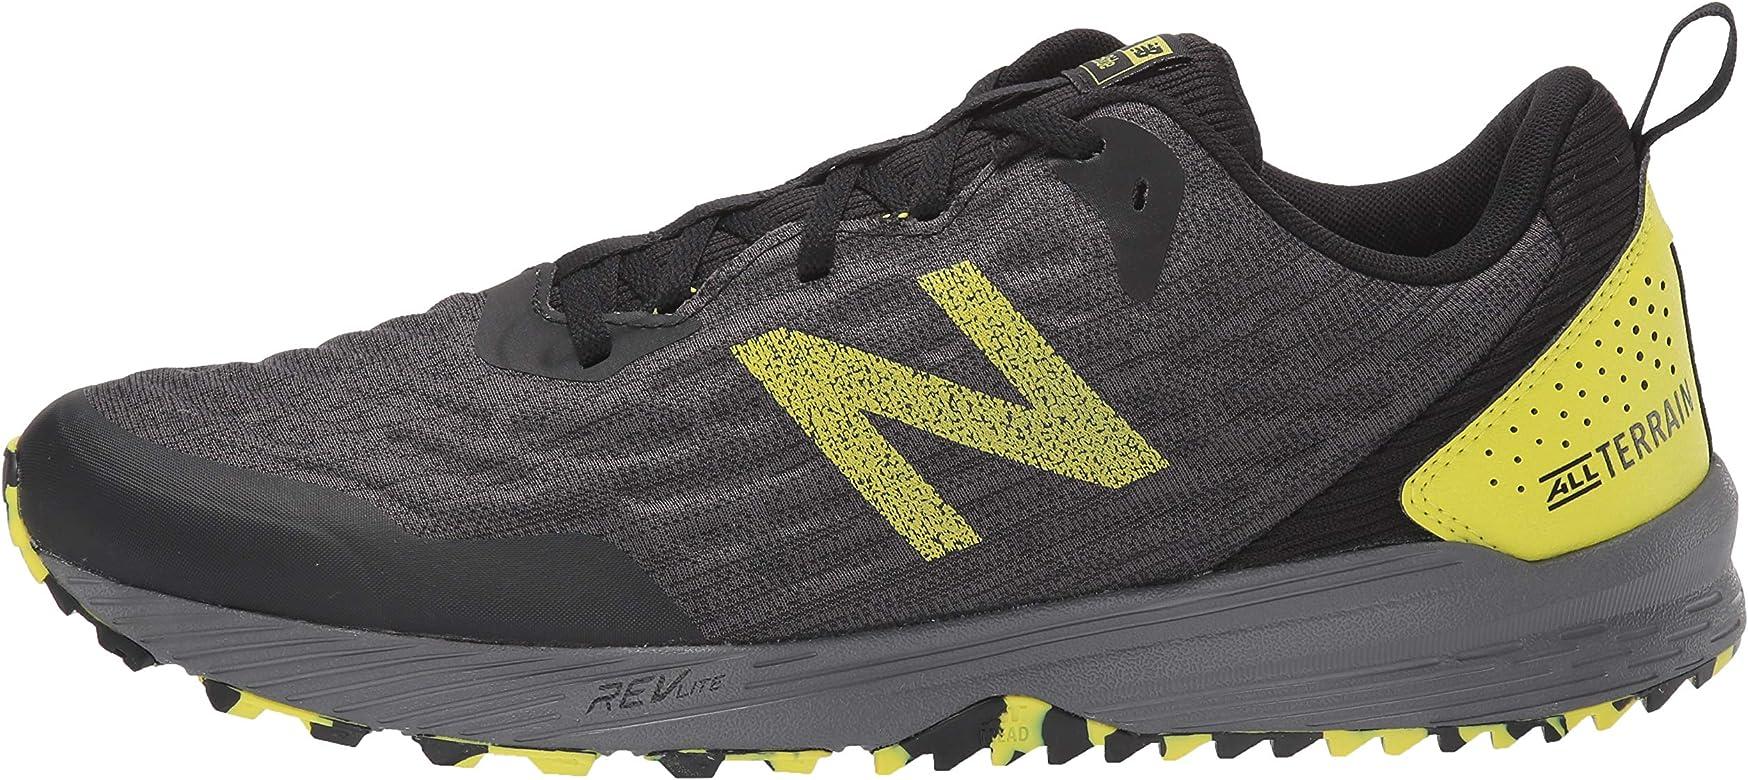 New Balance Nitrel v3, Zapatillas de Correr para Hombre: Amazon.es: Zapatos y complementos